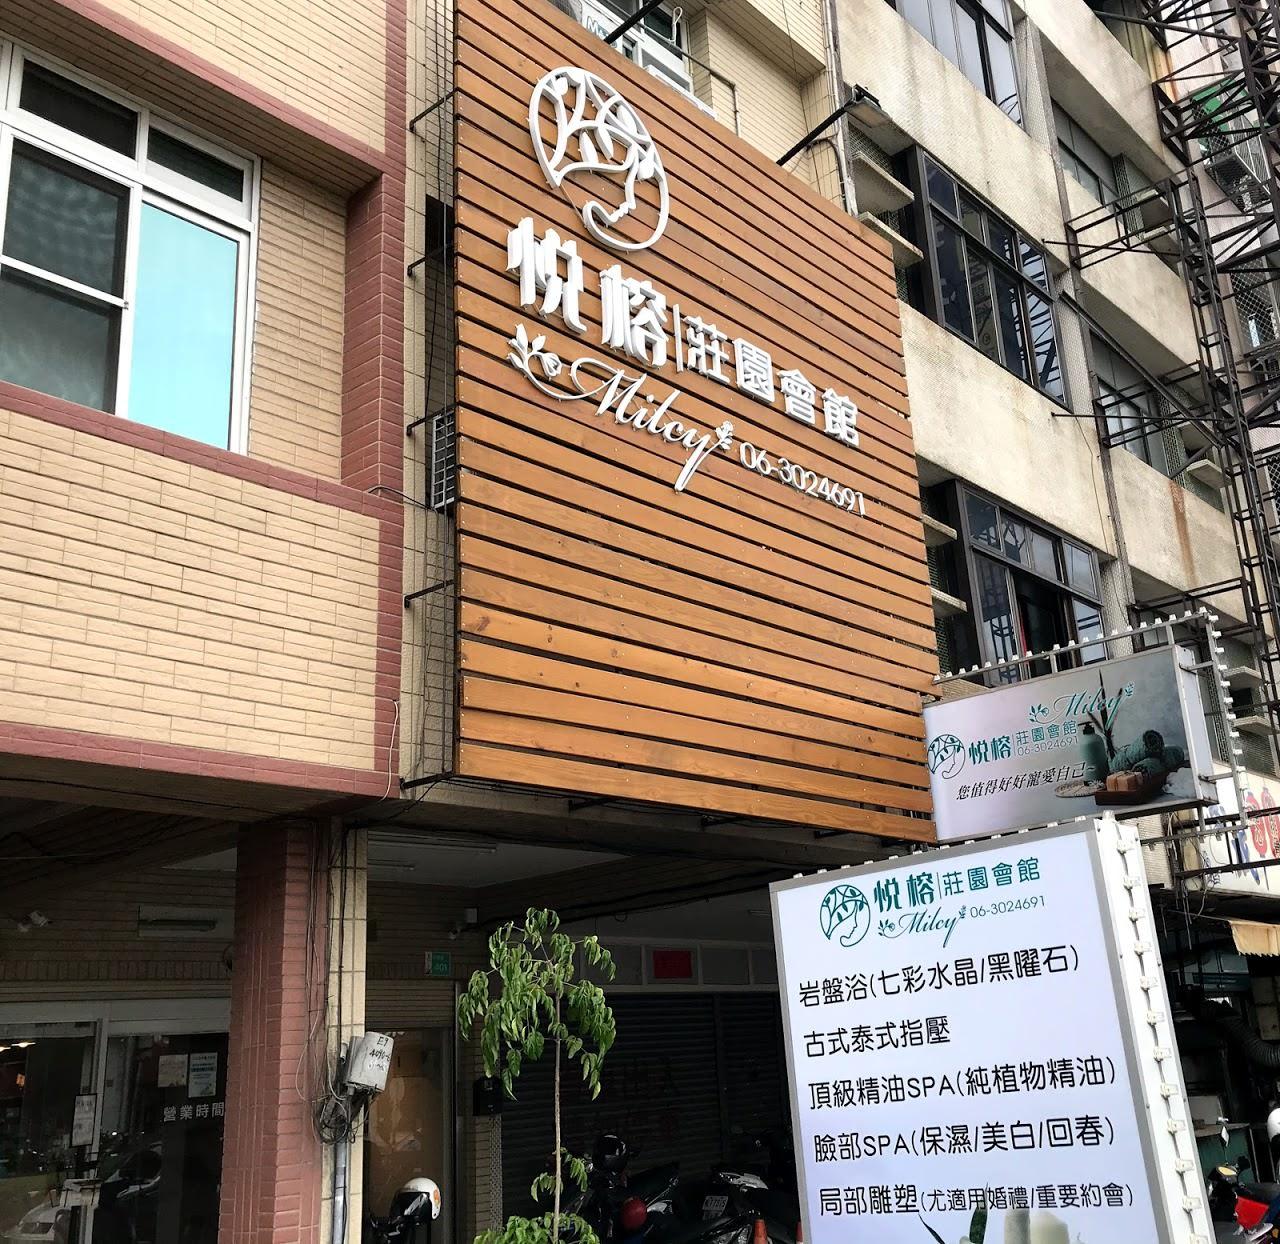 【台南|永康】悅榕莊園會館|小鮮肉體驗|專業的按摩技法與讓人放鬆的環境|可愛店貓|岩盤浴推薦|台南按摩推薦